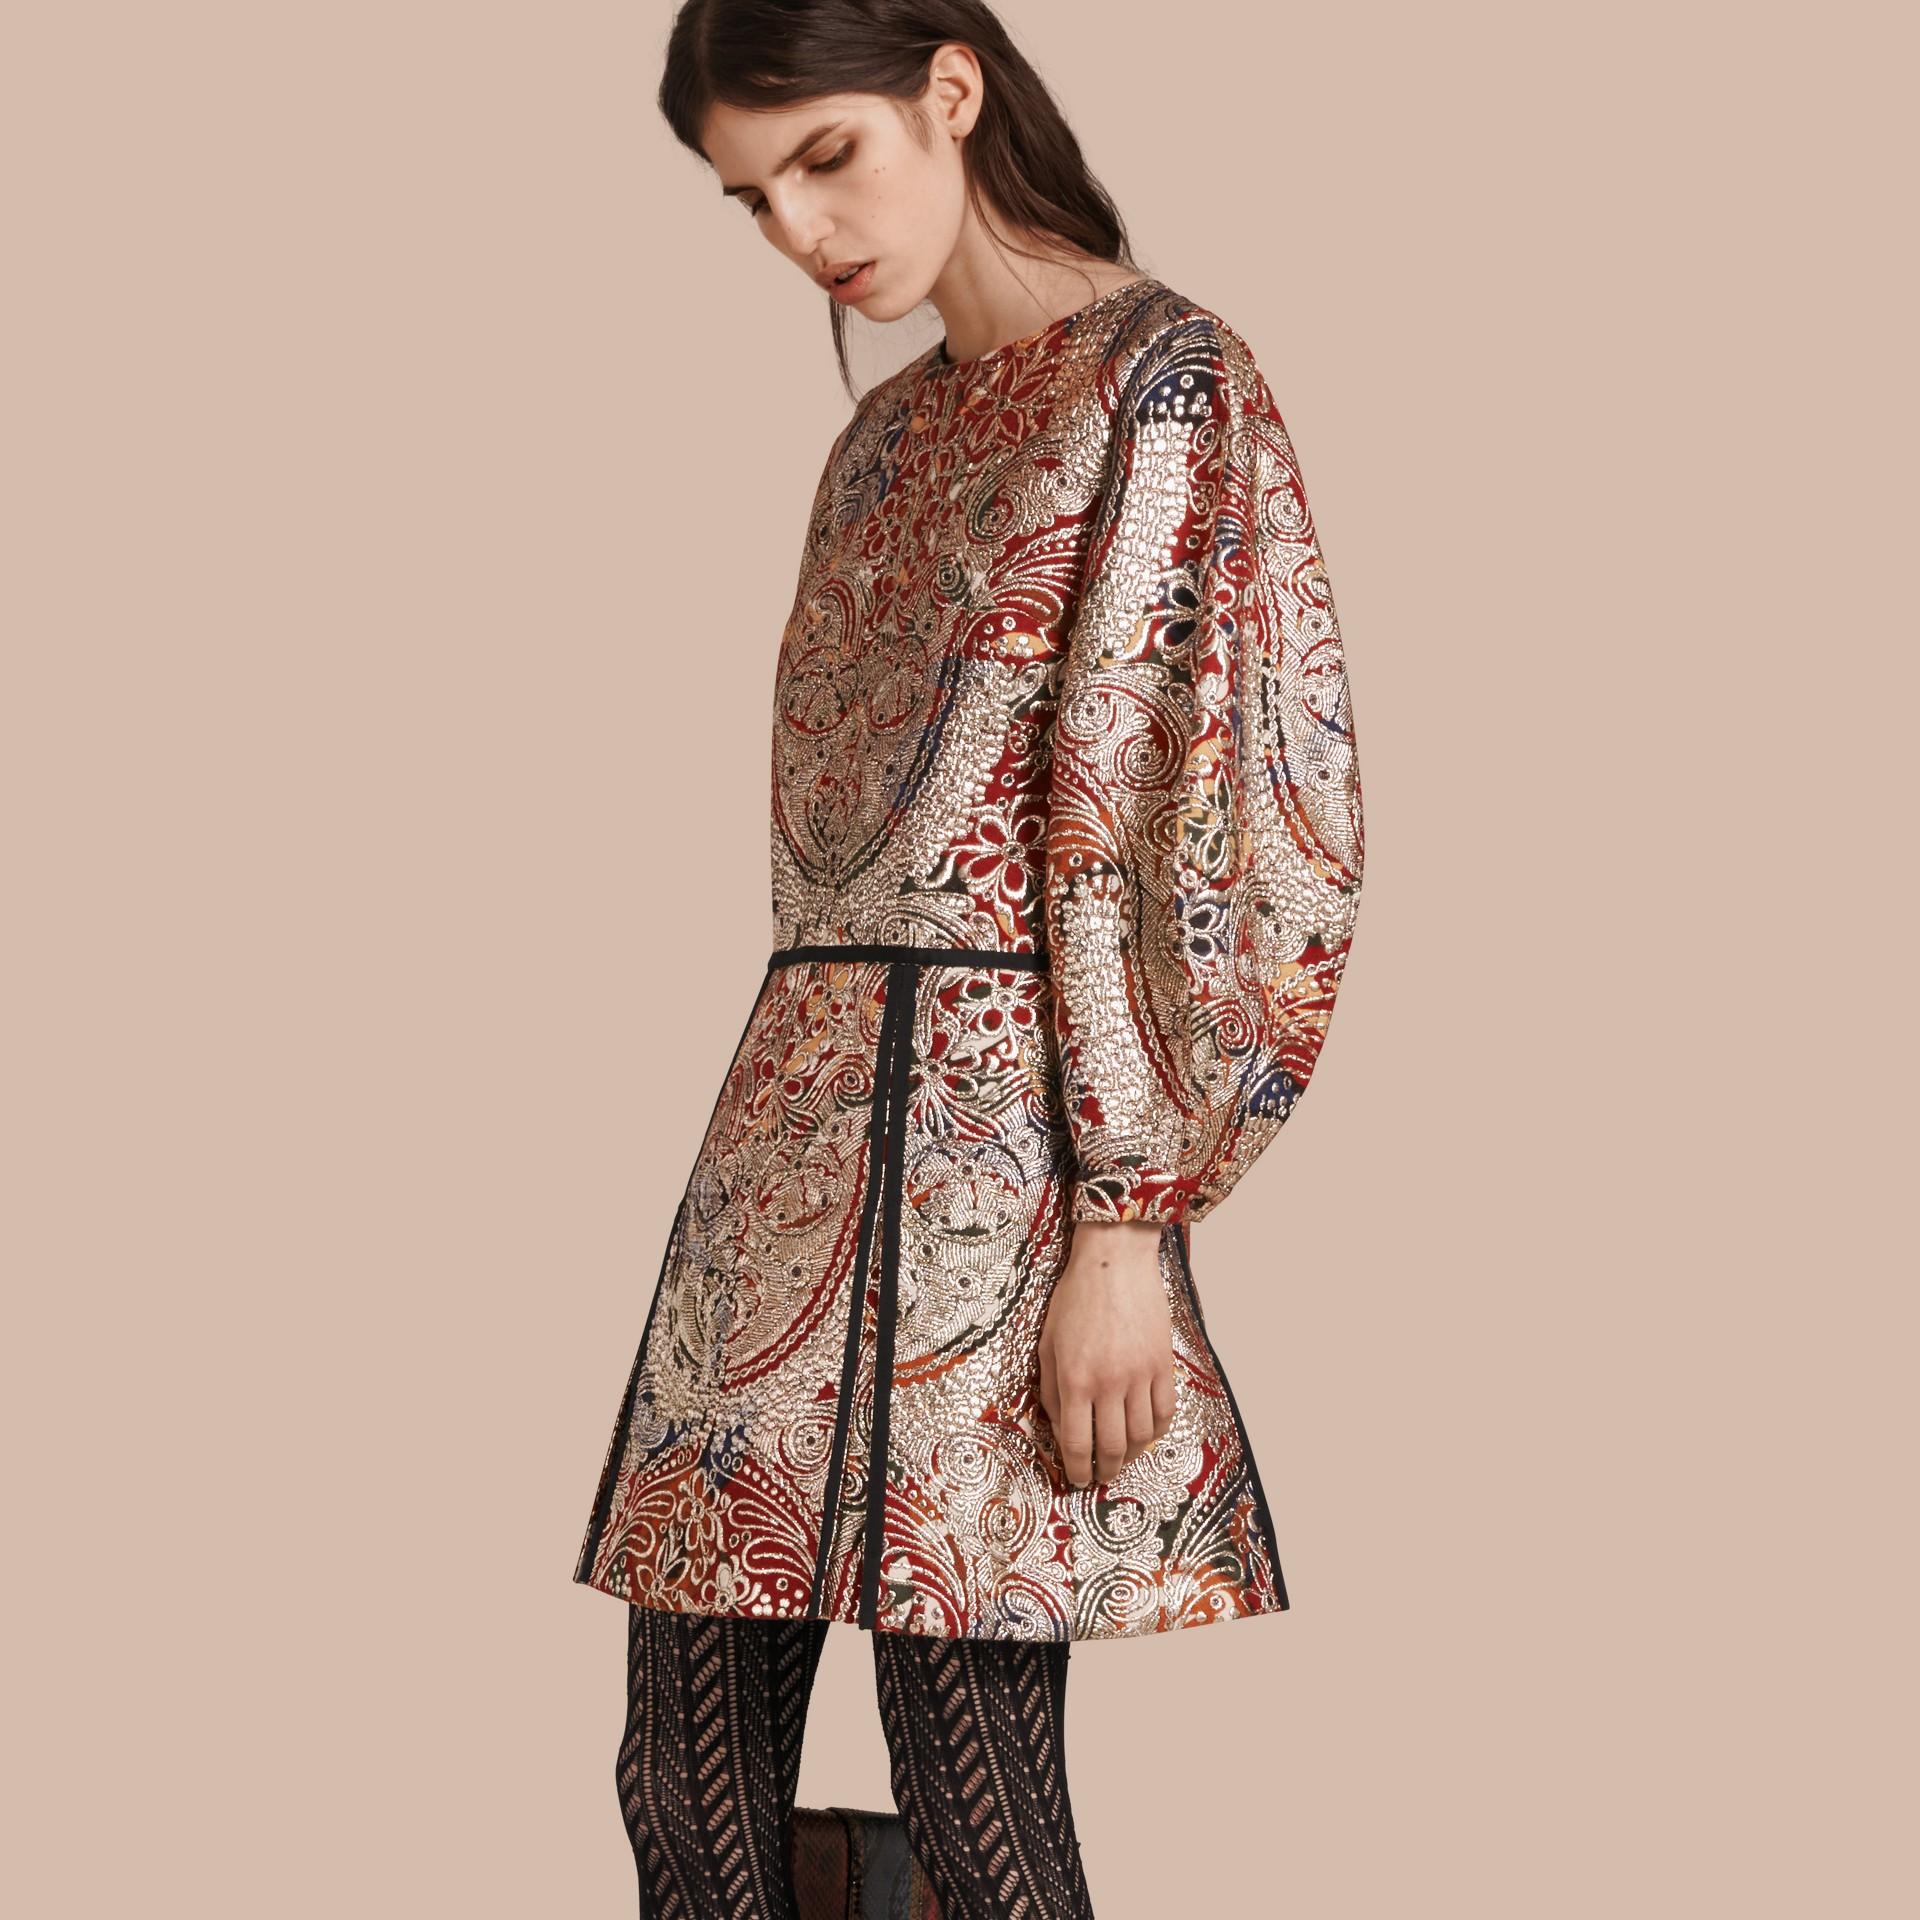 Brun roux Robe à manches sculpturales avec motif floral métallisé en jacquard - photo de la galerie 1